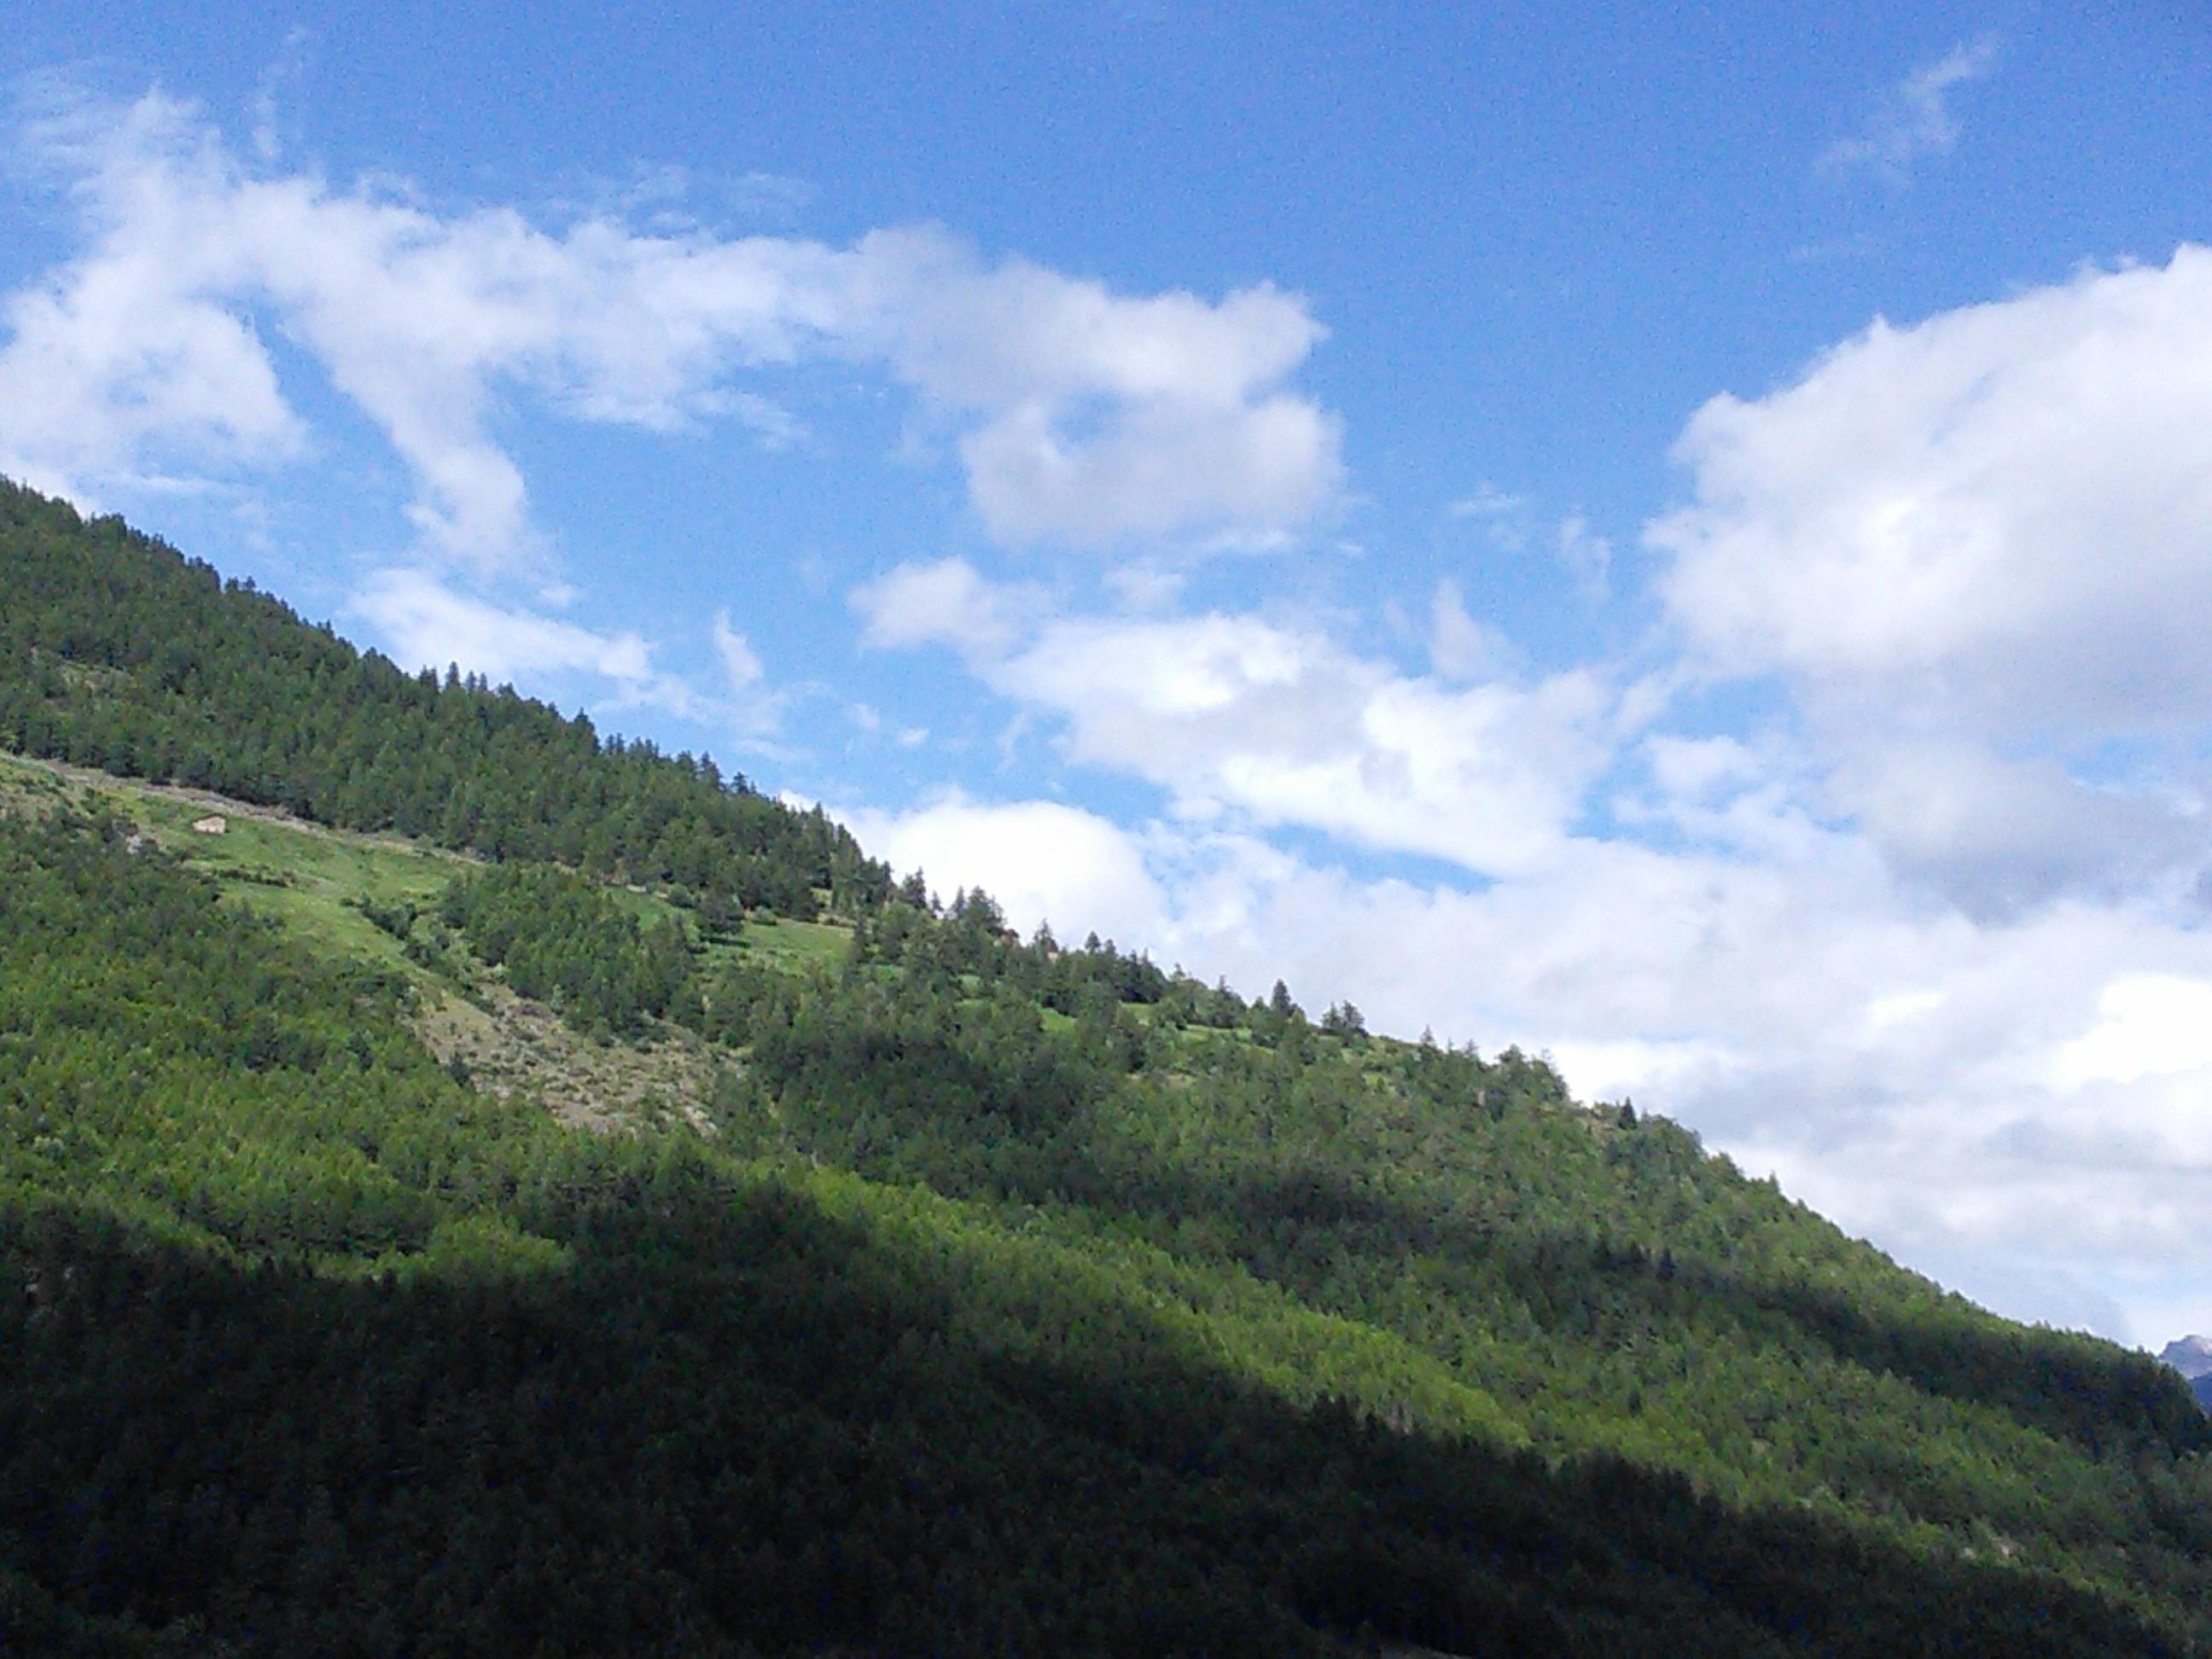 Petite maison sur la montagne